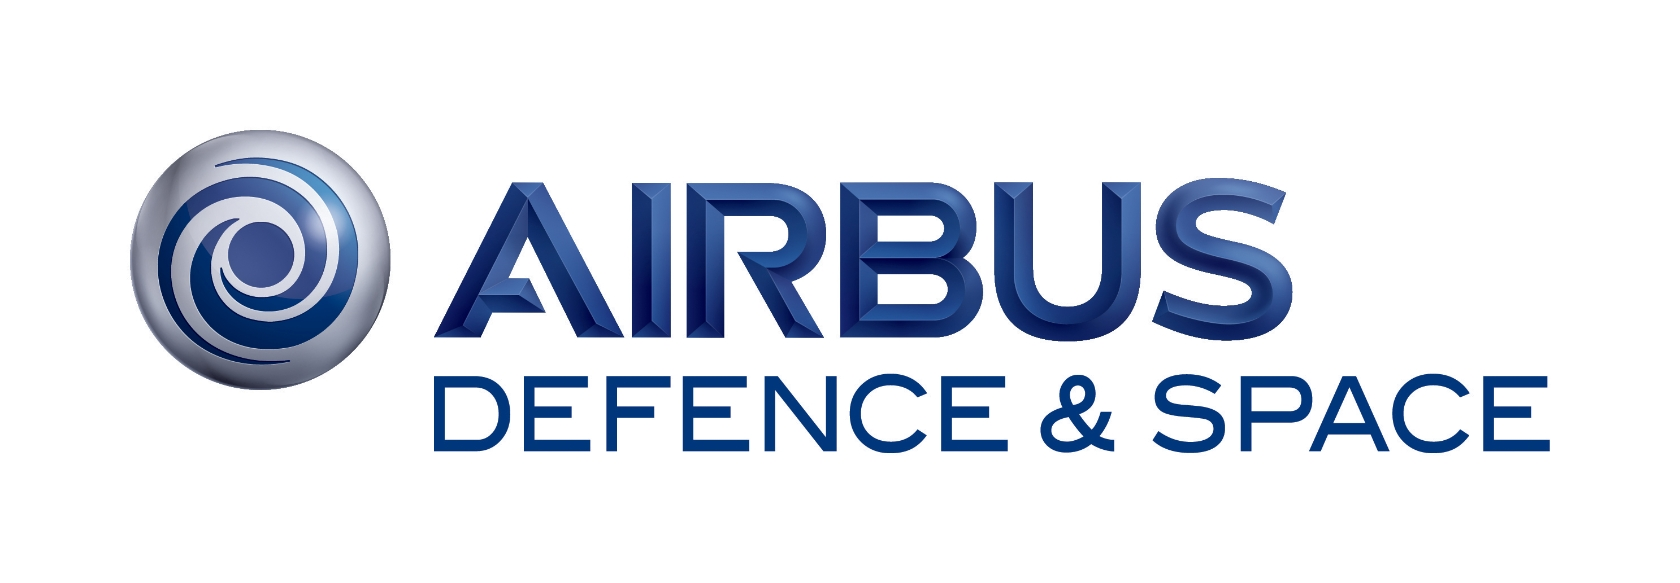 AIRBUS_DefenceSpace.jpg